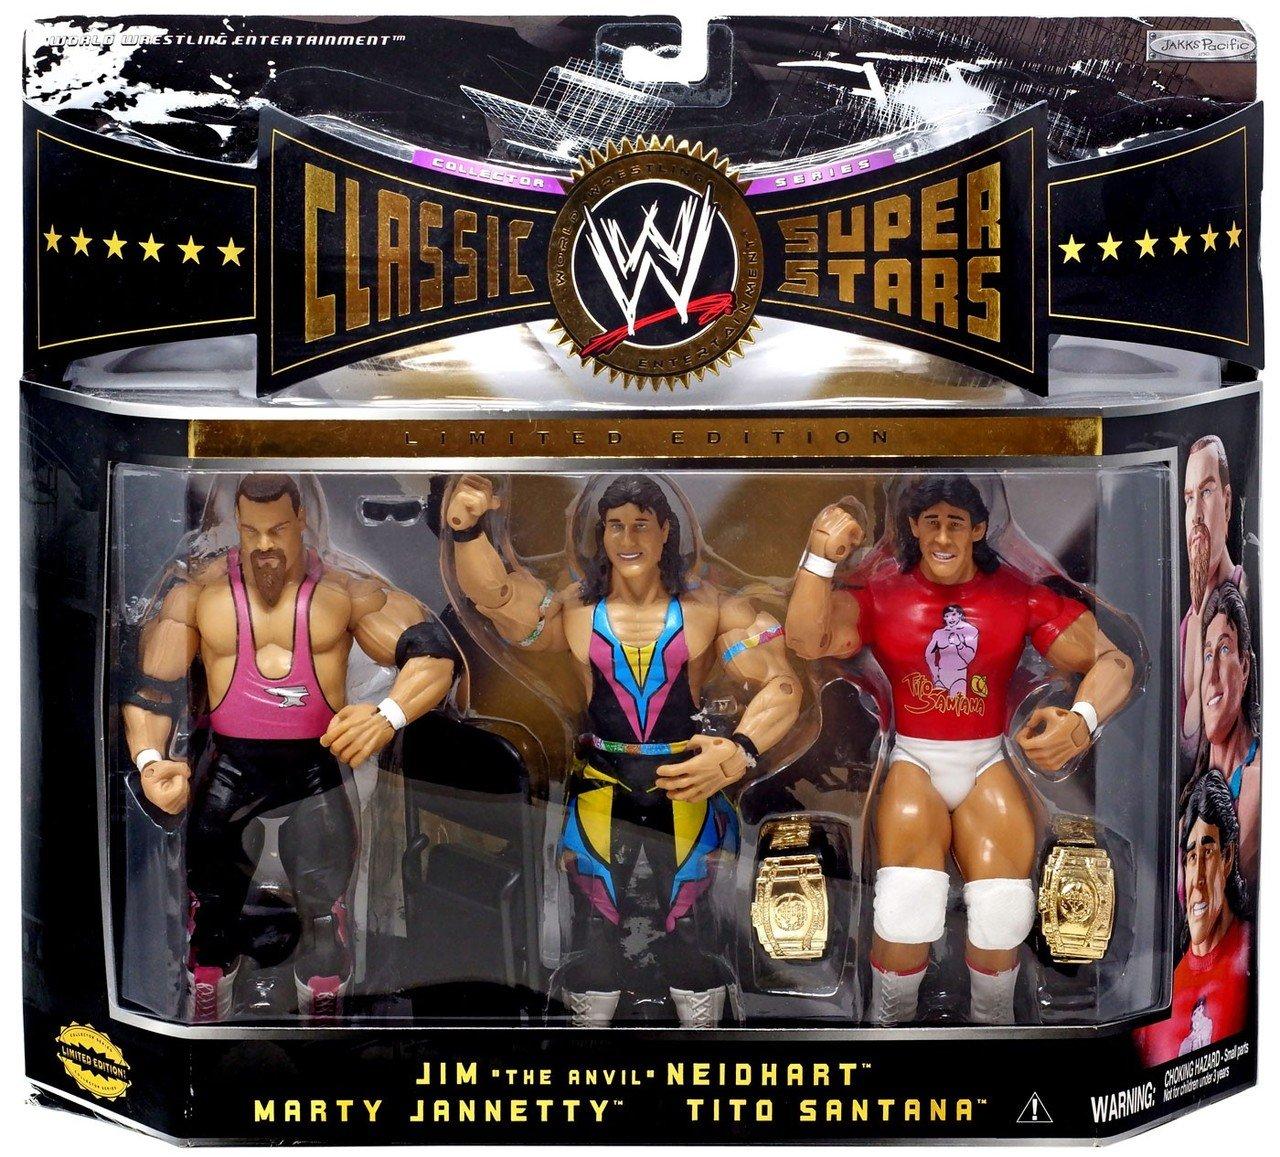 Wwe/wwf Ljn Hasbro Classic Superstars 3 Pack Jim Neidhart